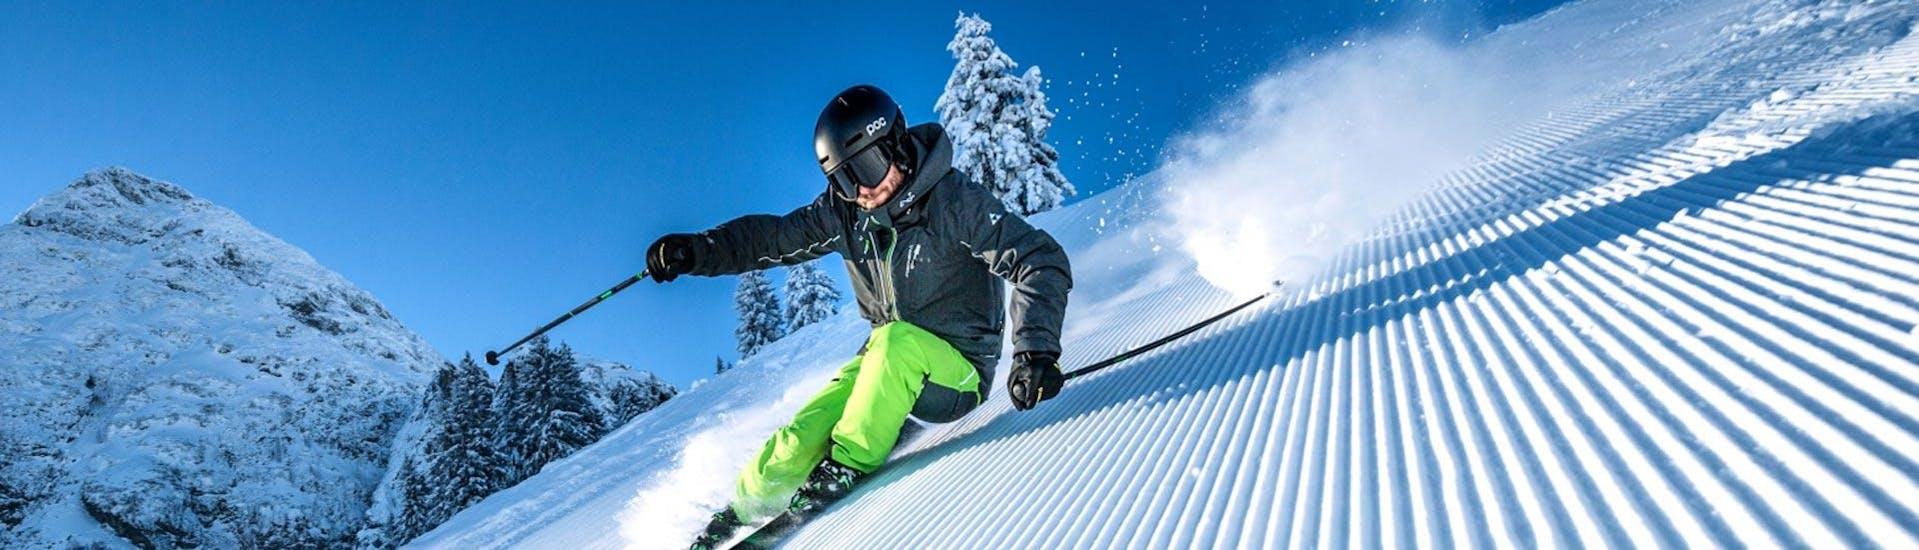 Ein Skifahrer zeigt sein Können, das er im Skikurs für Fortgeschrittene der Skischule Ruhpolding im Skigebiet Westernberg erlernt hat.